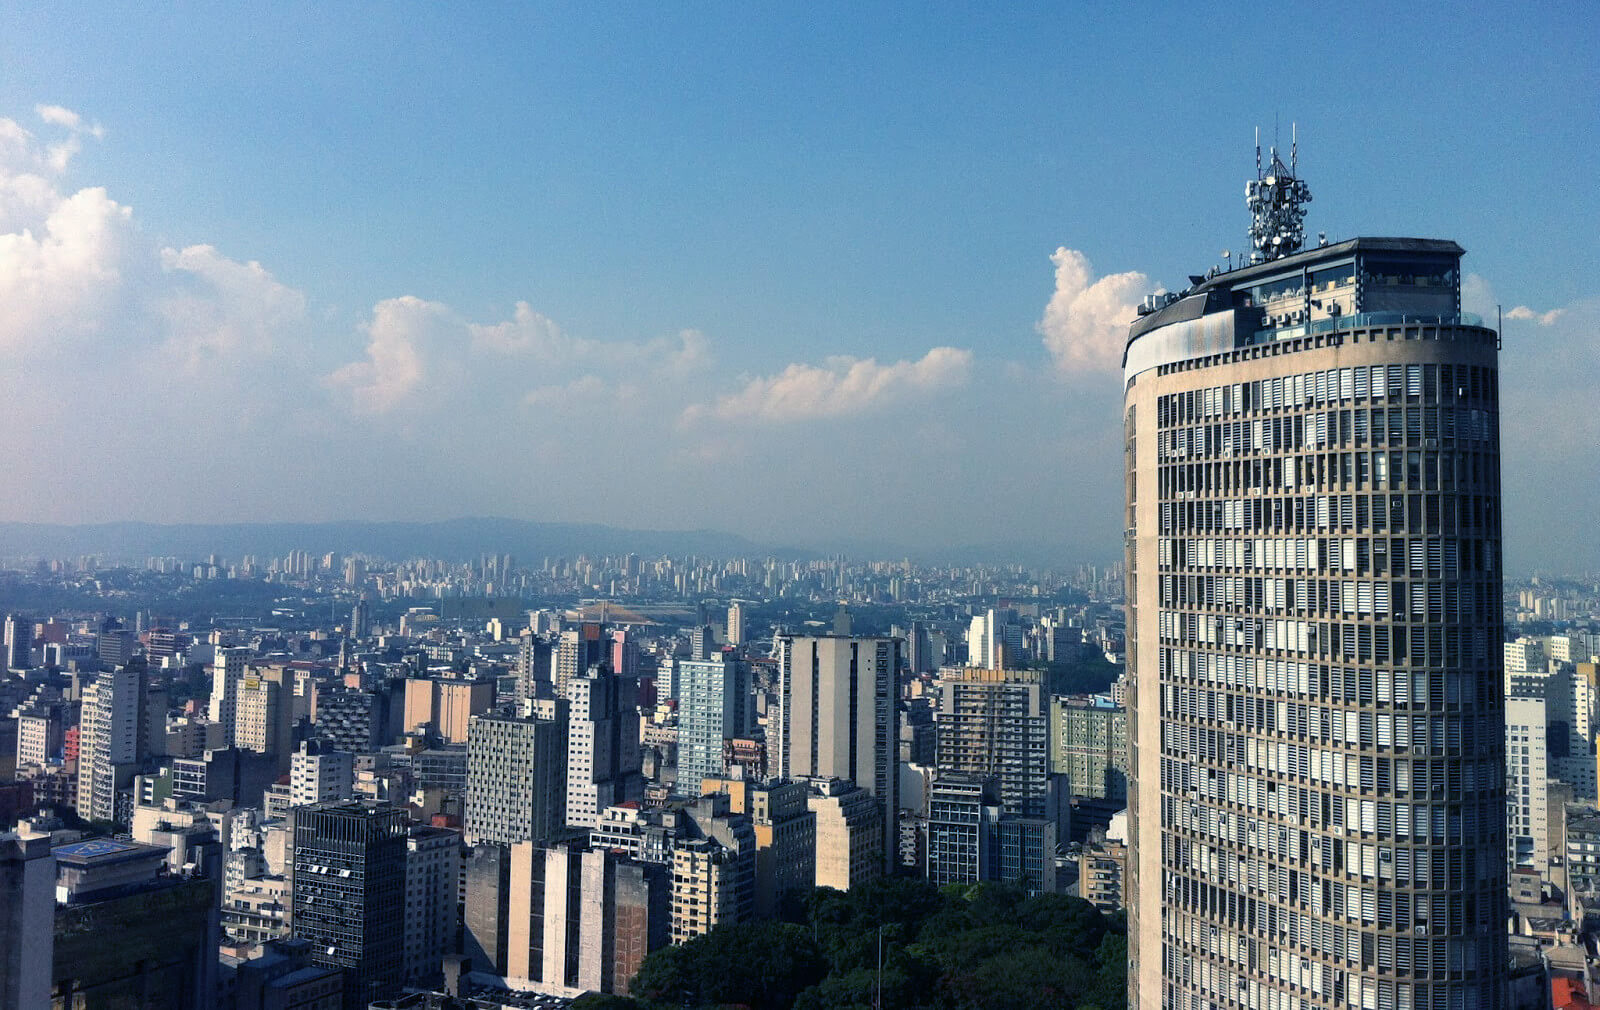 Roteiro pelo centro de São Paulo: 10 lugares que você precisa conhecer